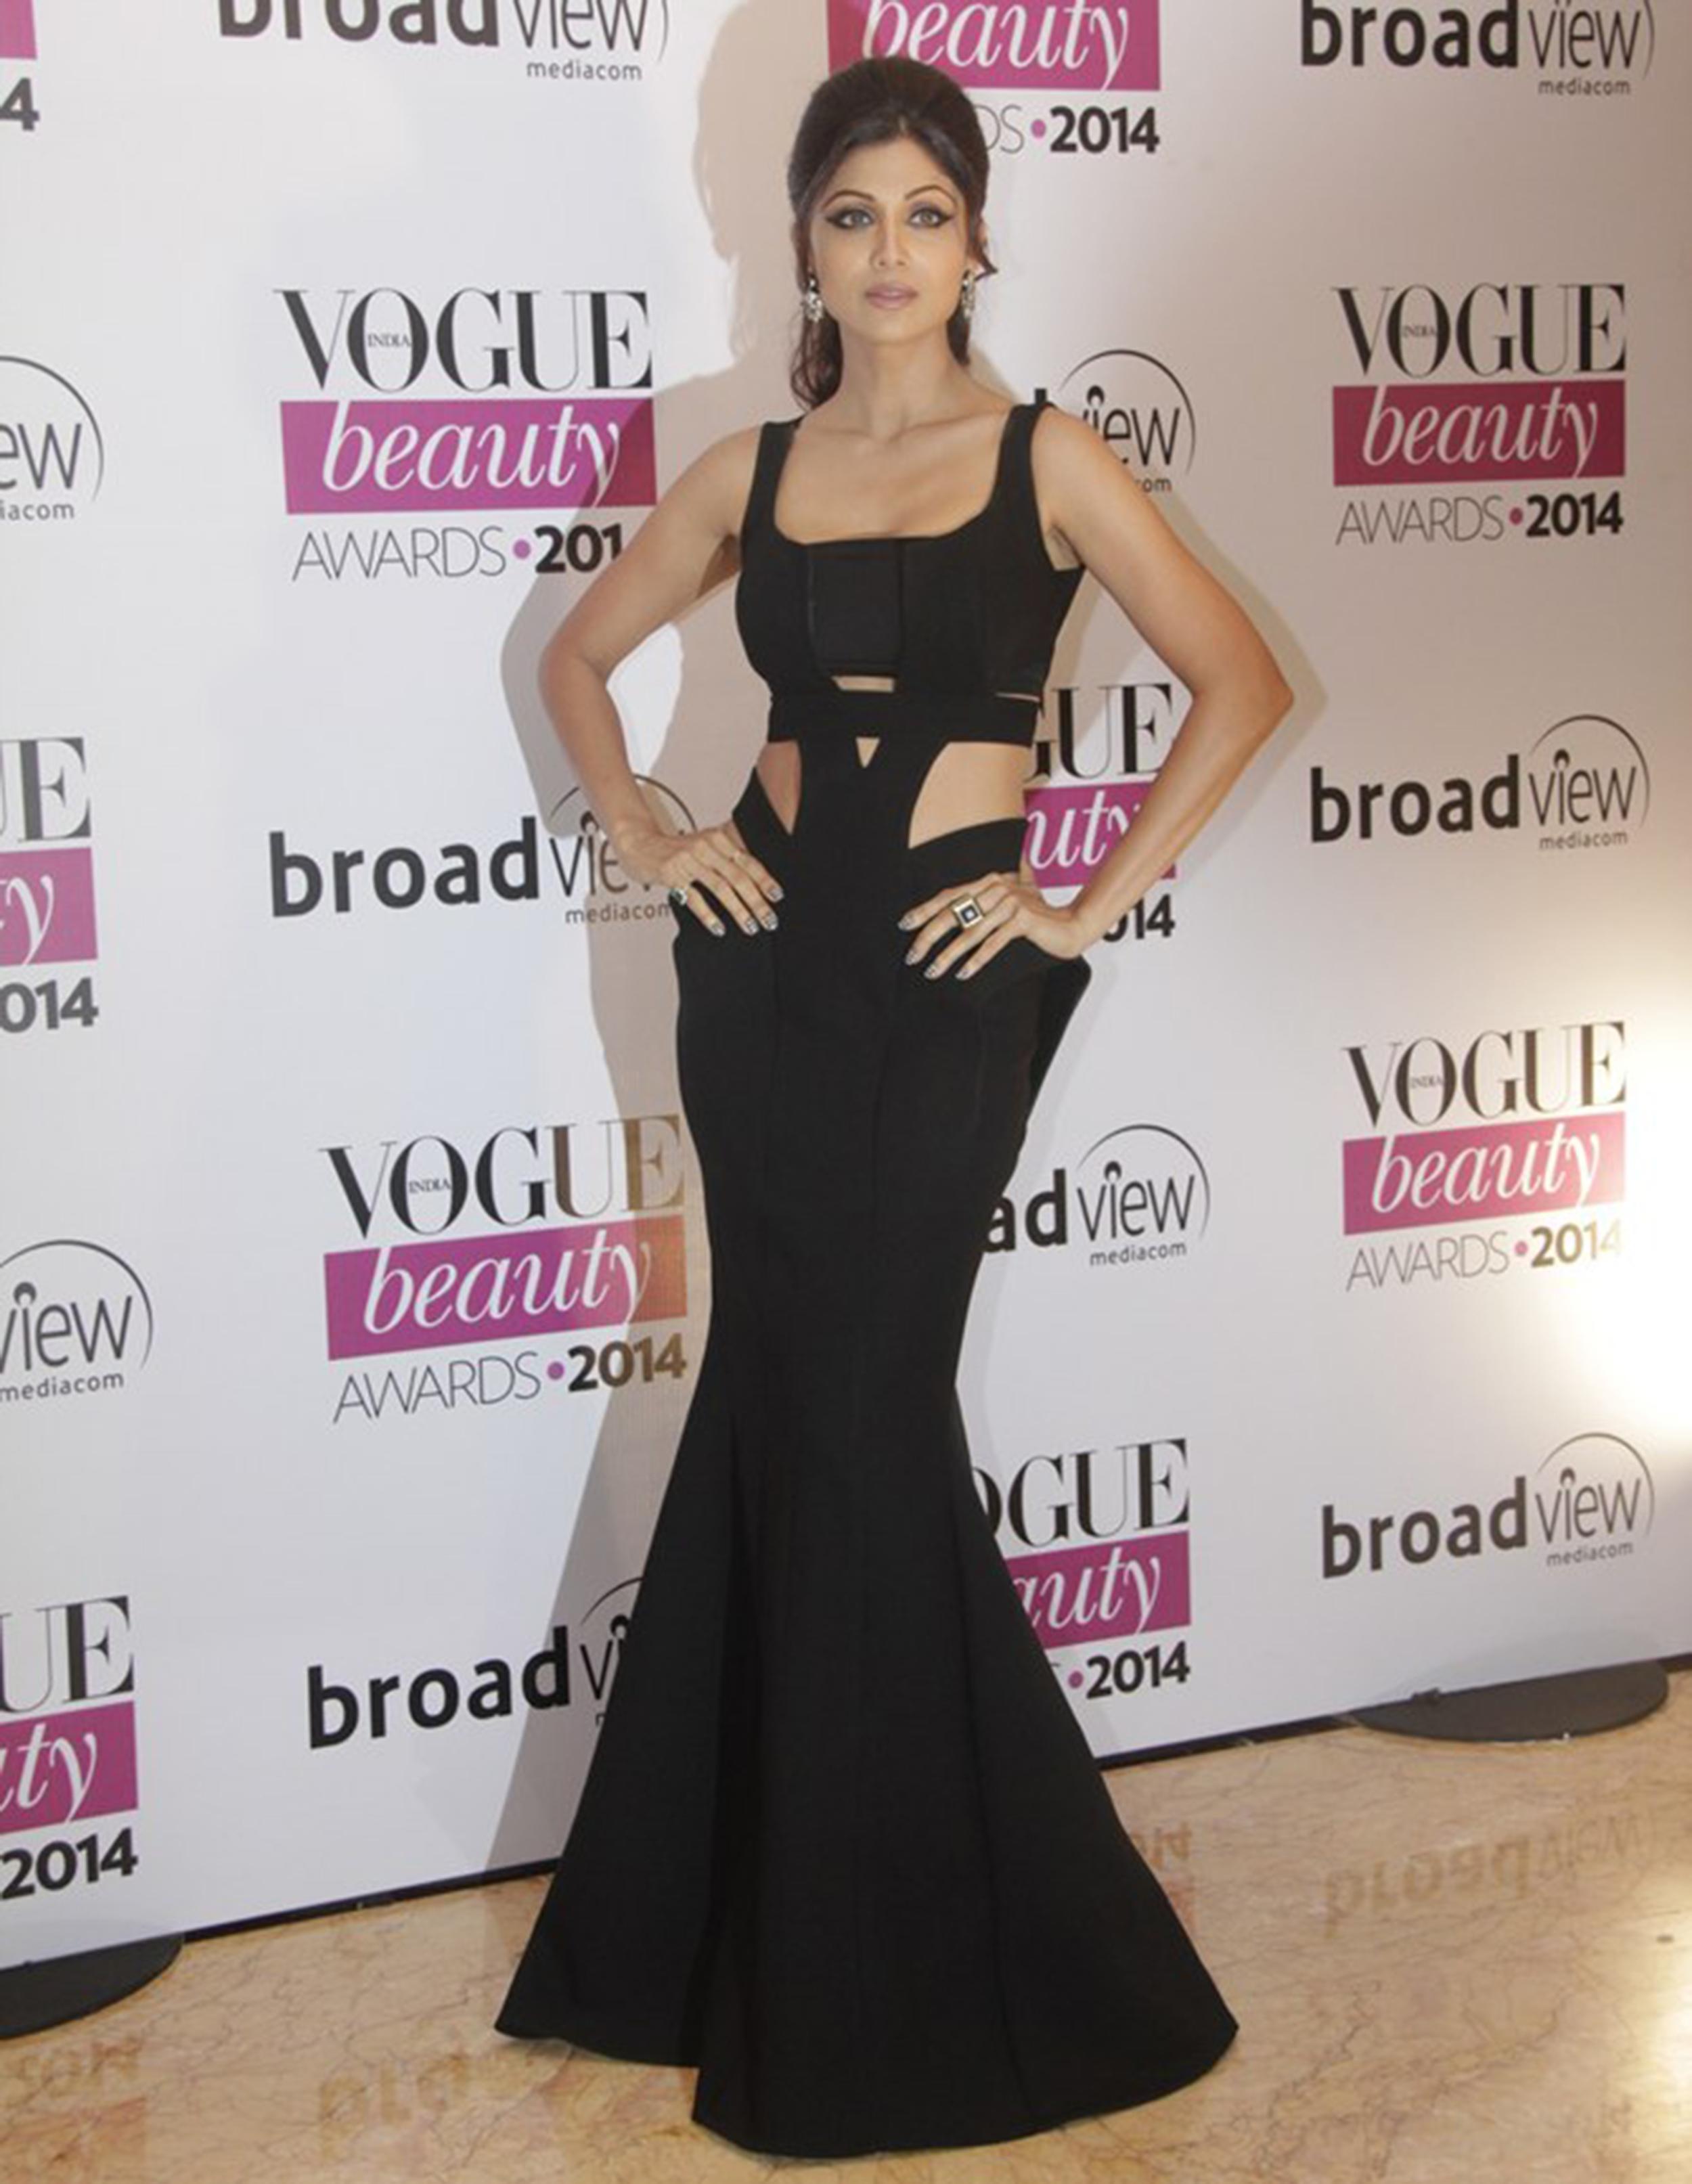 Shilpa Shetty in Monisha Jaising at theVogue Beauty Awards 2014